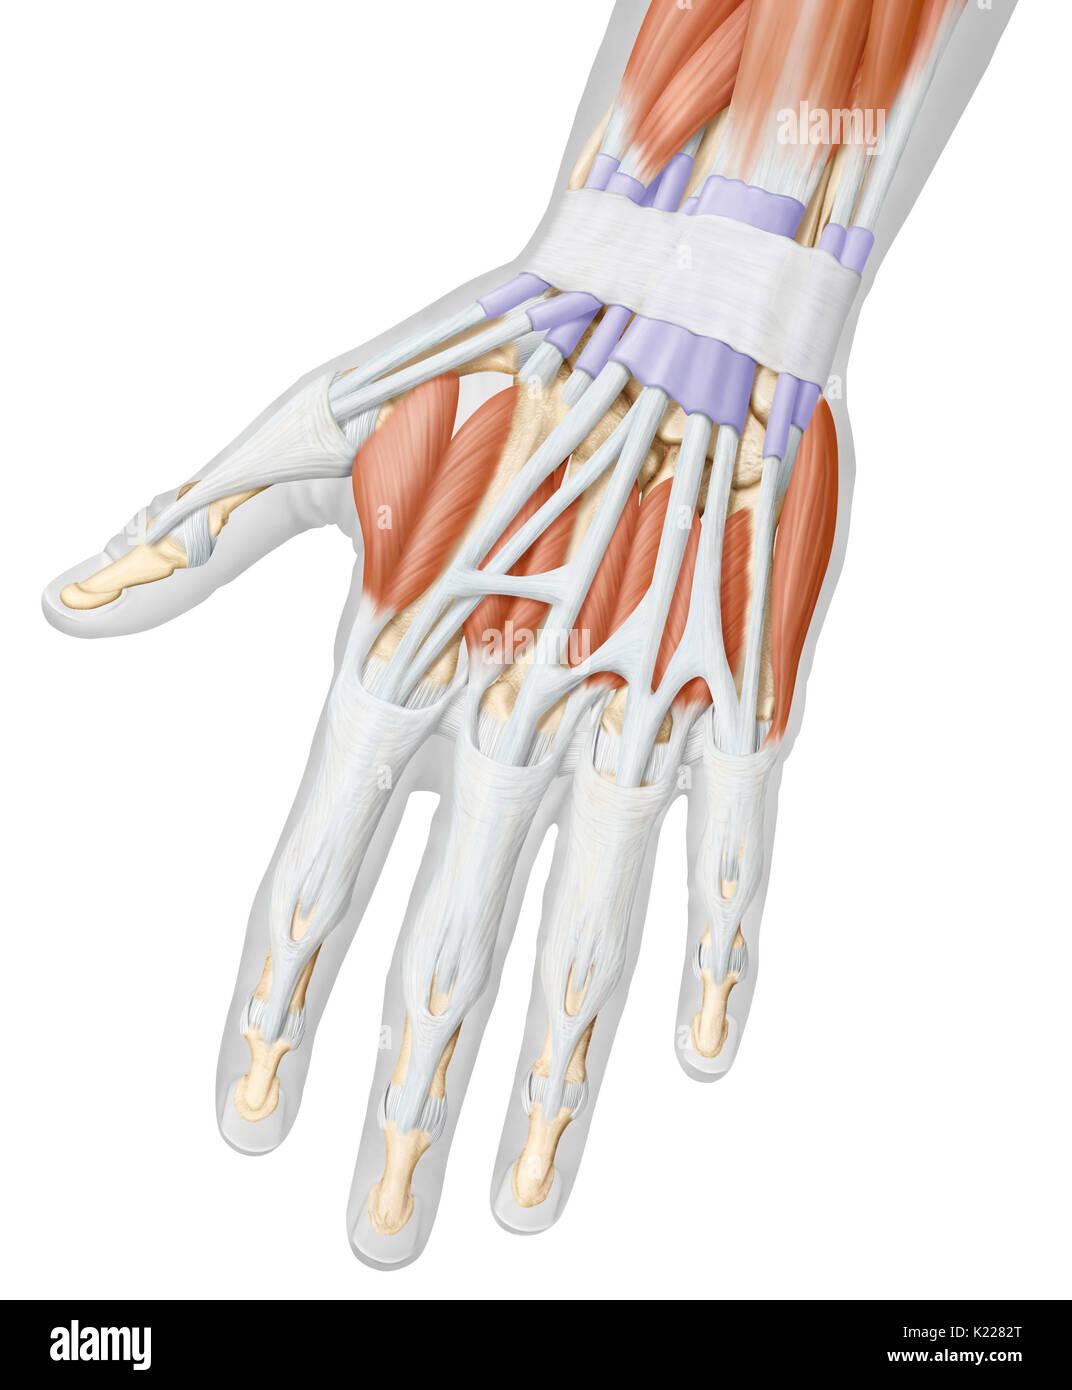 Groß Handgelenk Hand Anatomie Galerie - Menschliche Anatomie Bilder ...